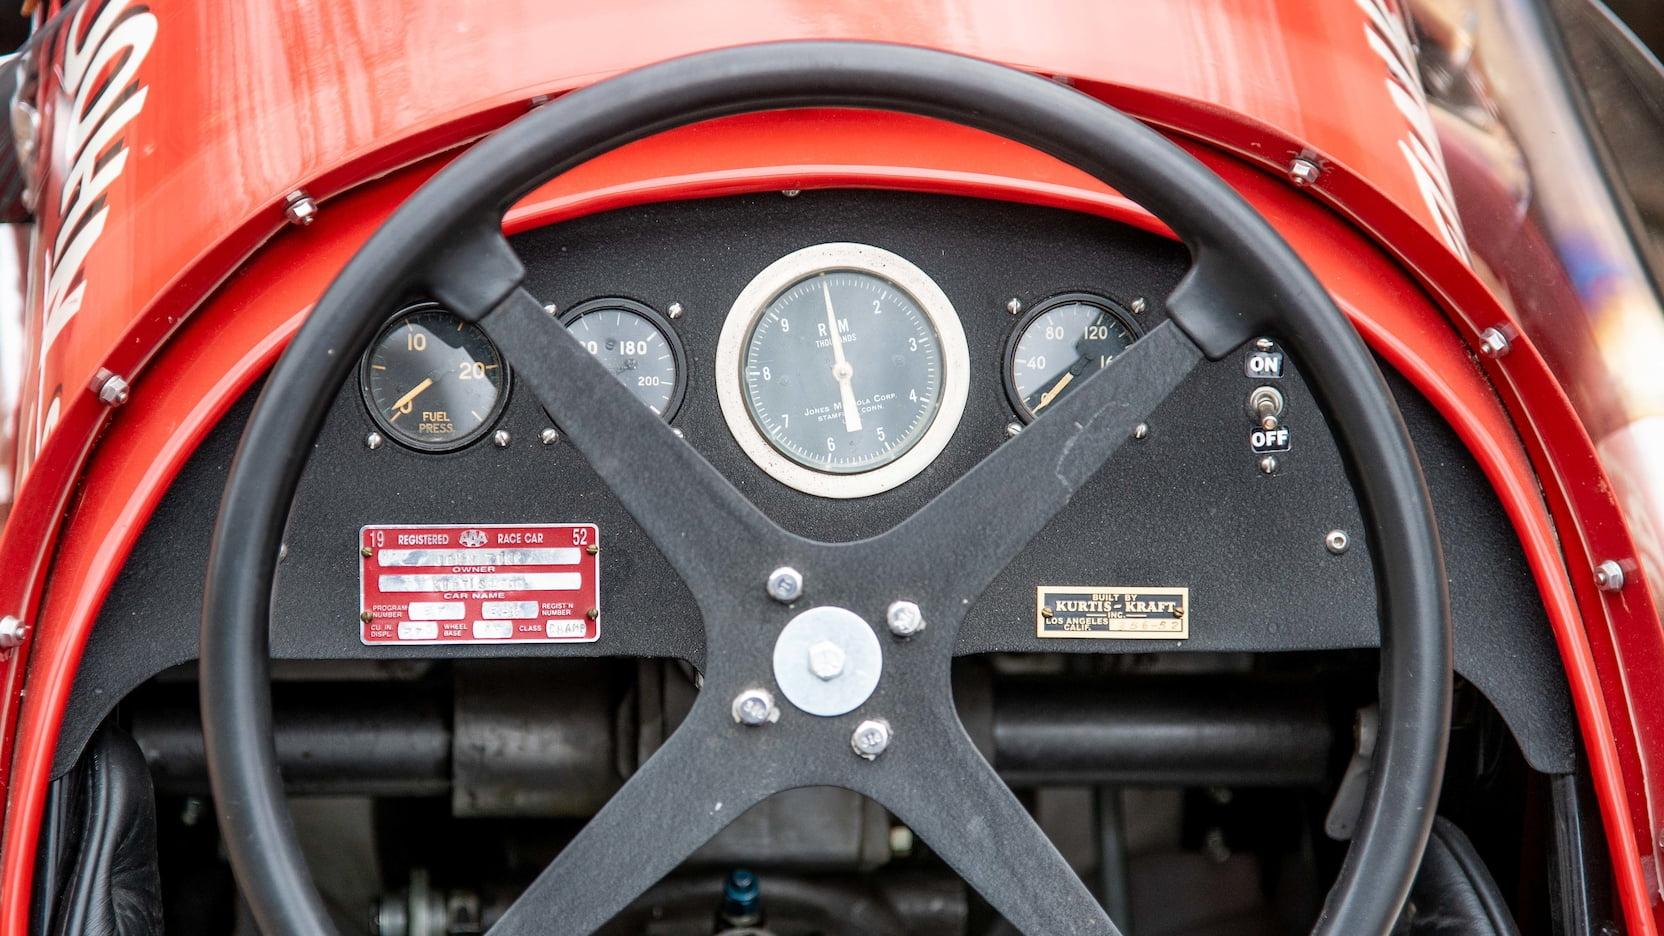 1952 Kurtis Kraft 4000 Indy Car gauges